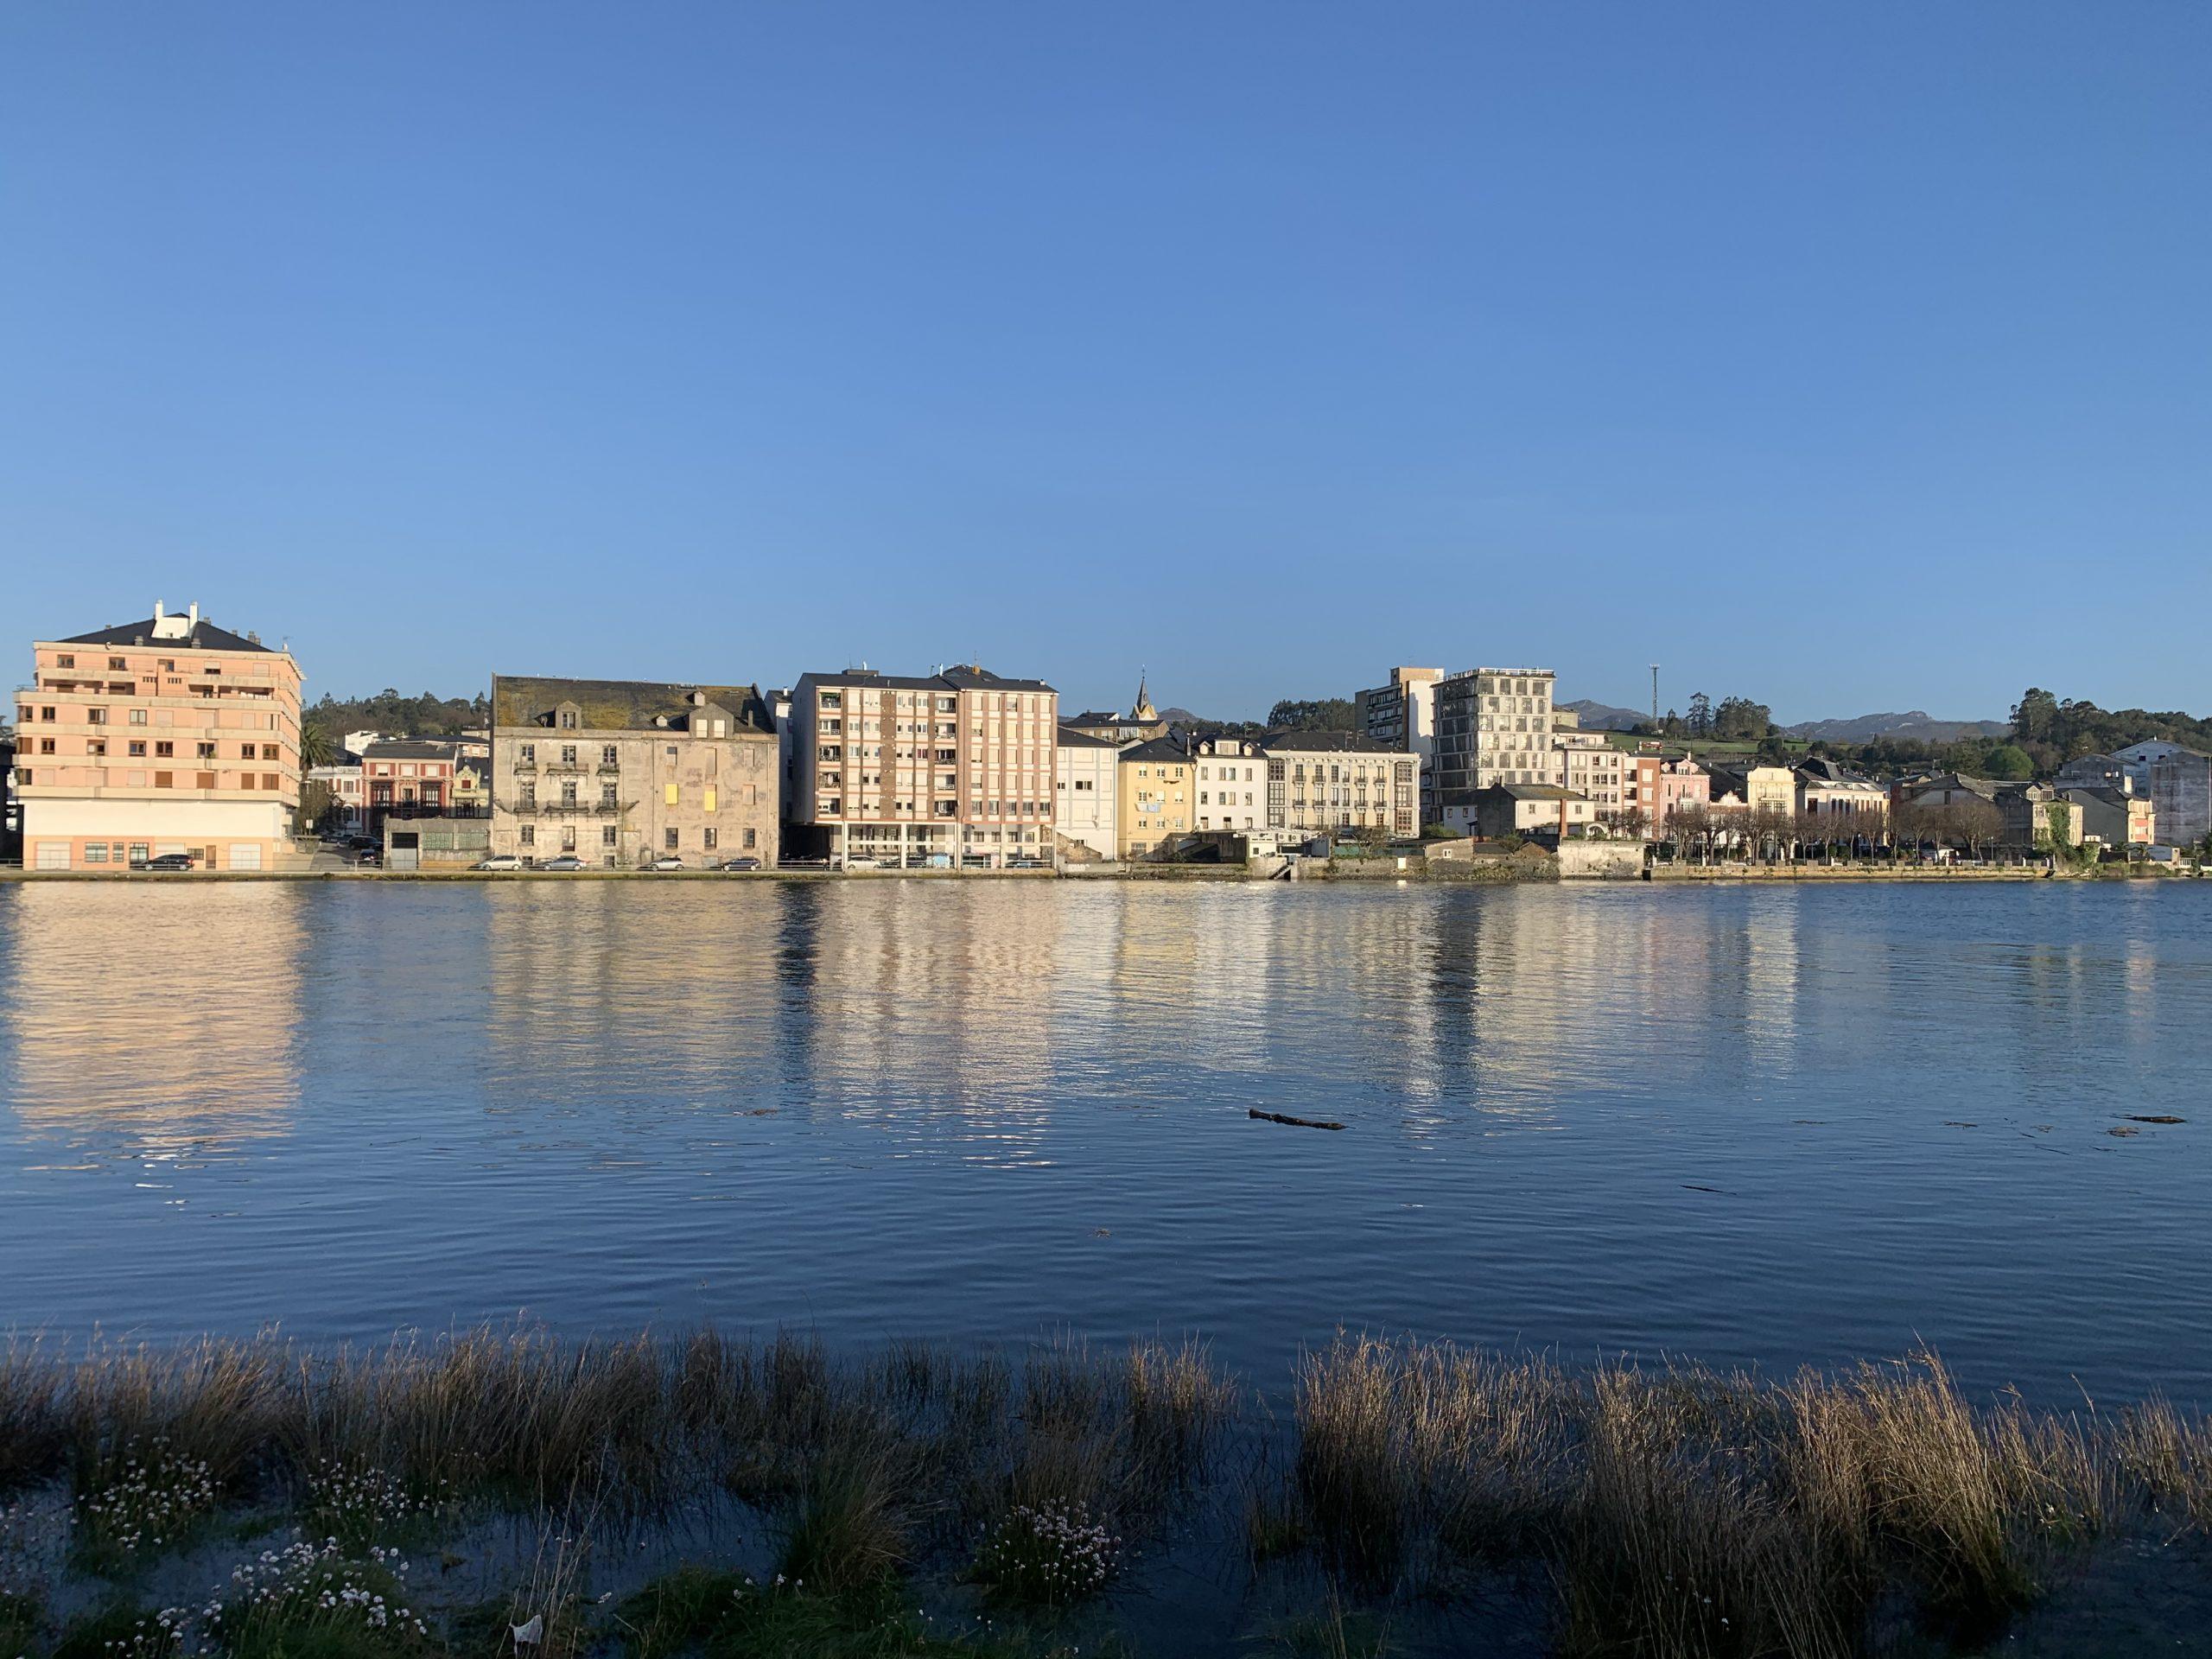 27 hosteleros solicitan instalar terraza en Navia y Puerto de Vega